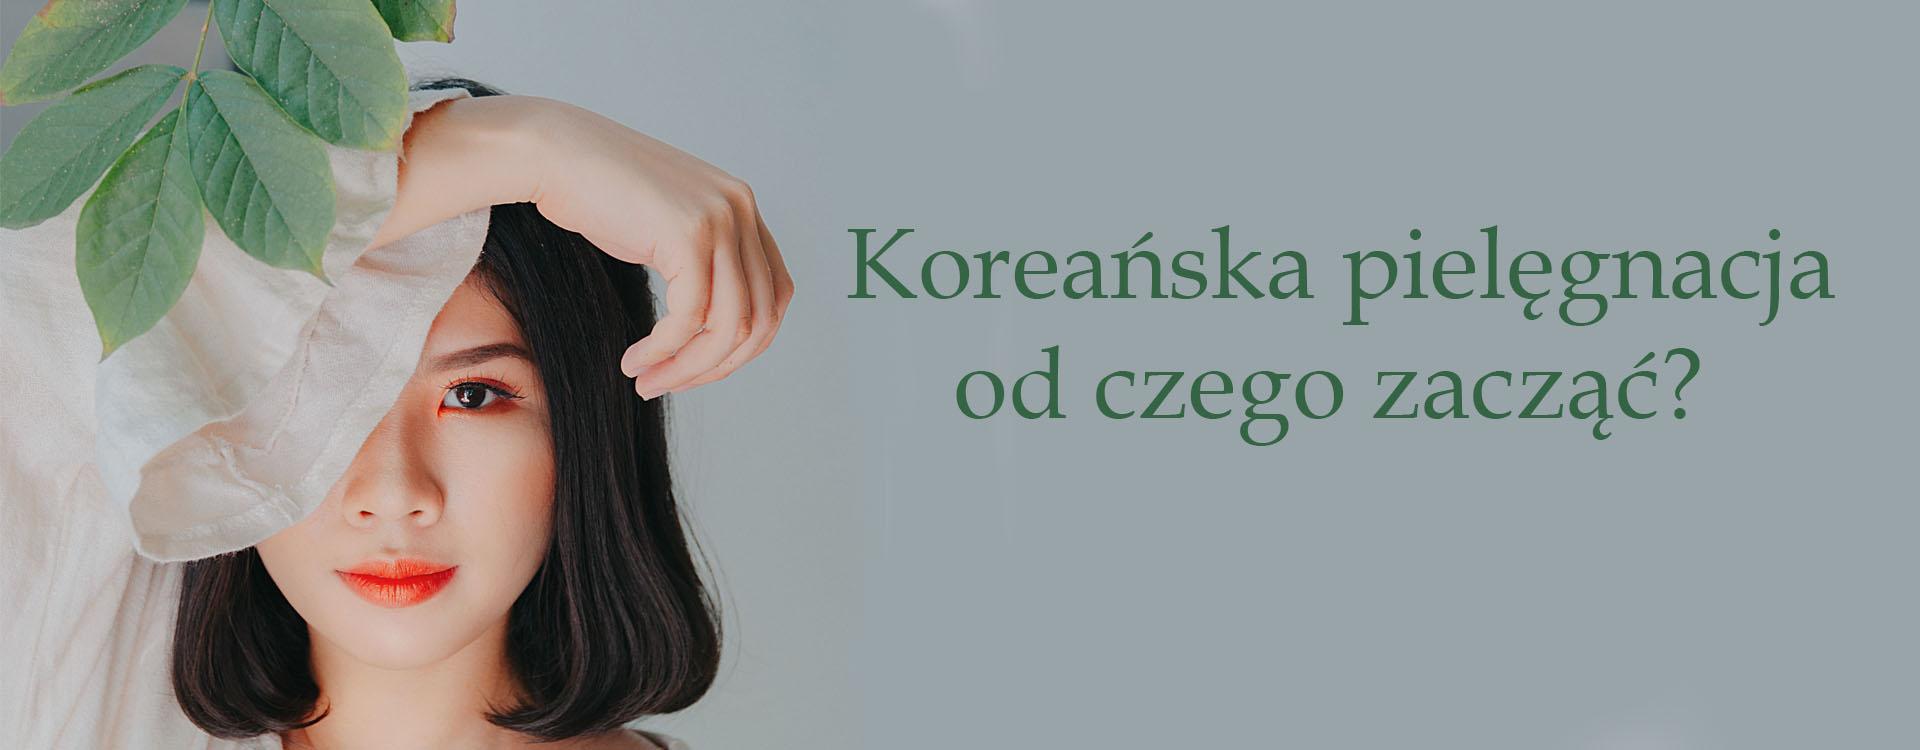 Koreańska pielęgnacja – od czego zacząć?